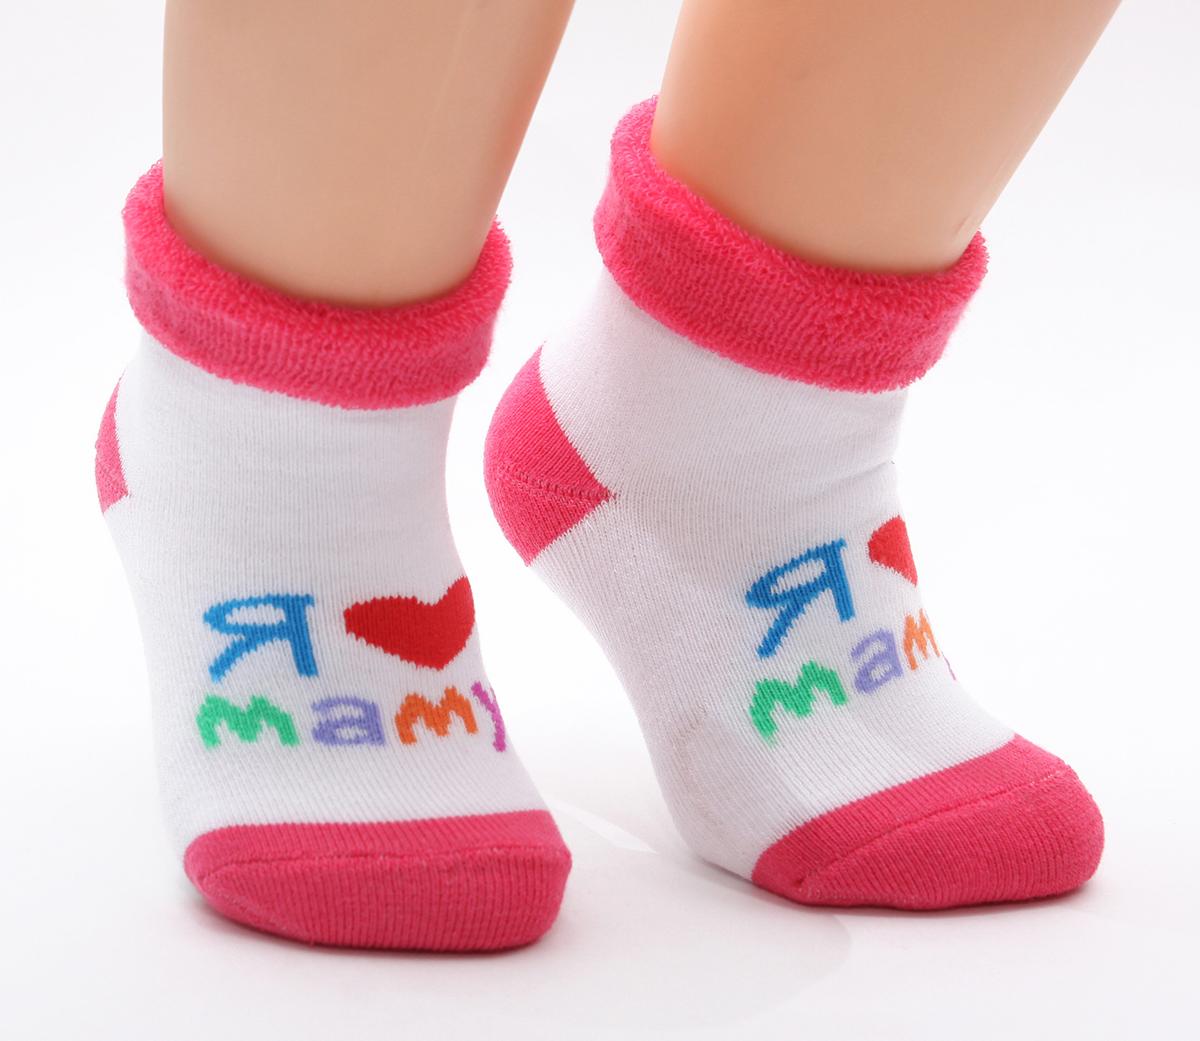 Носки детские Touch Gold, цвет: белый, красный. 126. Размер 0-12 месяцев126Махровые детские носочки изготовлены из высококачественного хлопка. Мягкая широкая резинка, не перетягивает ножку.